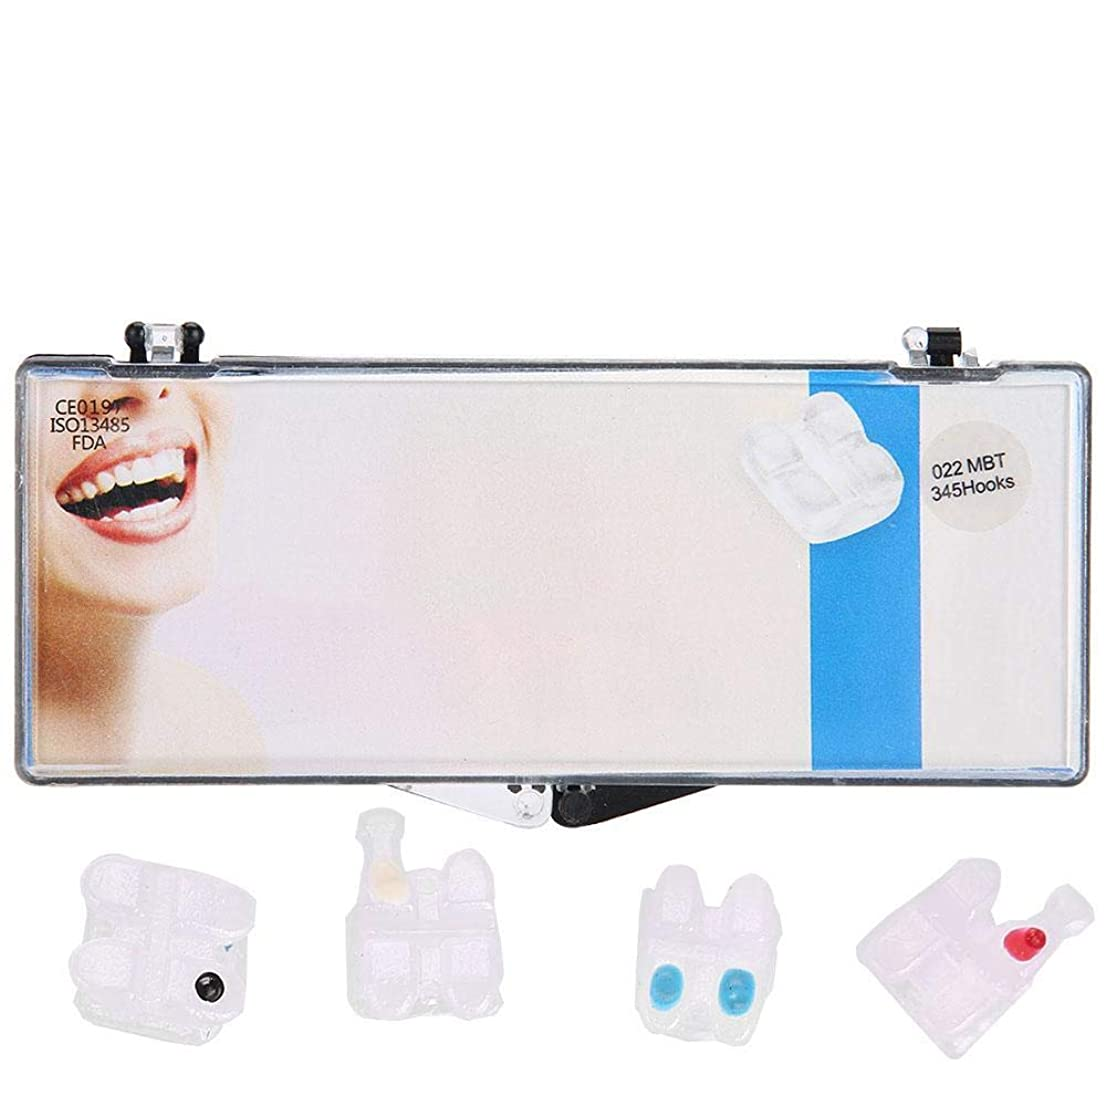 プレゼンター額天国Nitrip セラミックブラケット 歯科矯正ブラケット 歯科矯正装置 歯科矯正用 高品質 安全 022MBT 345 Hooks